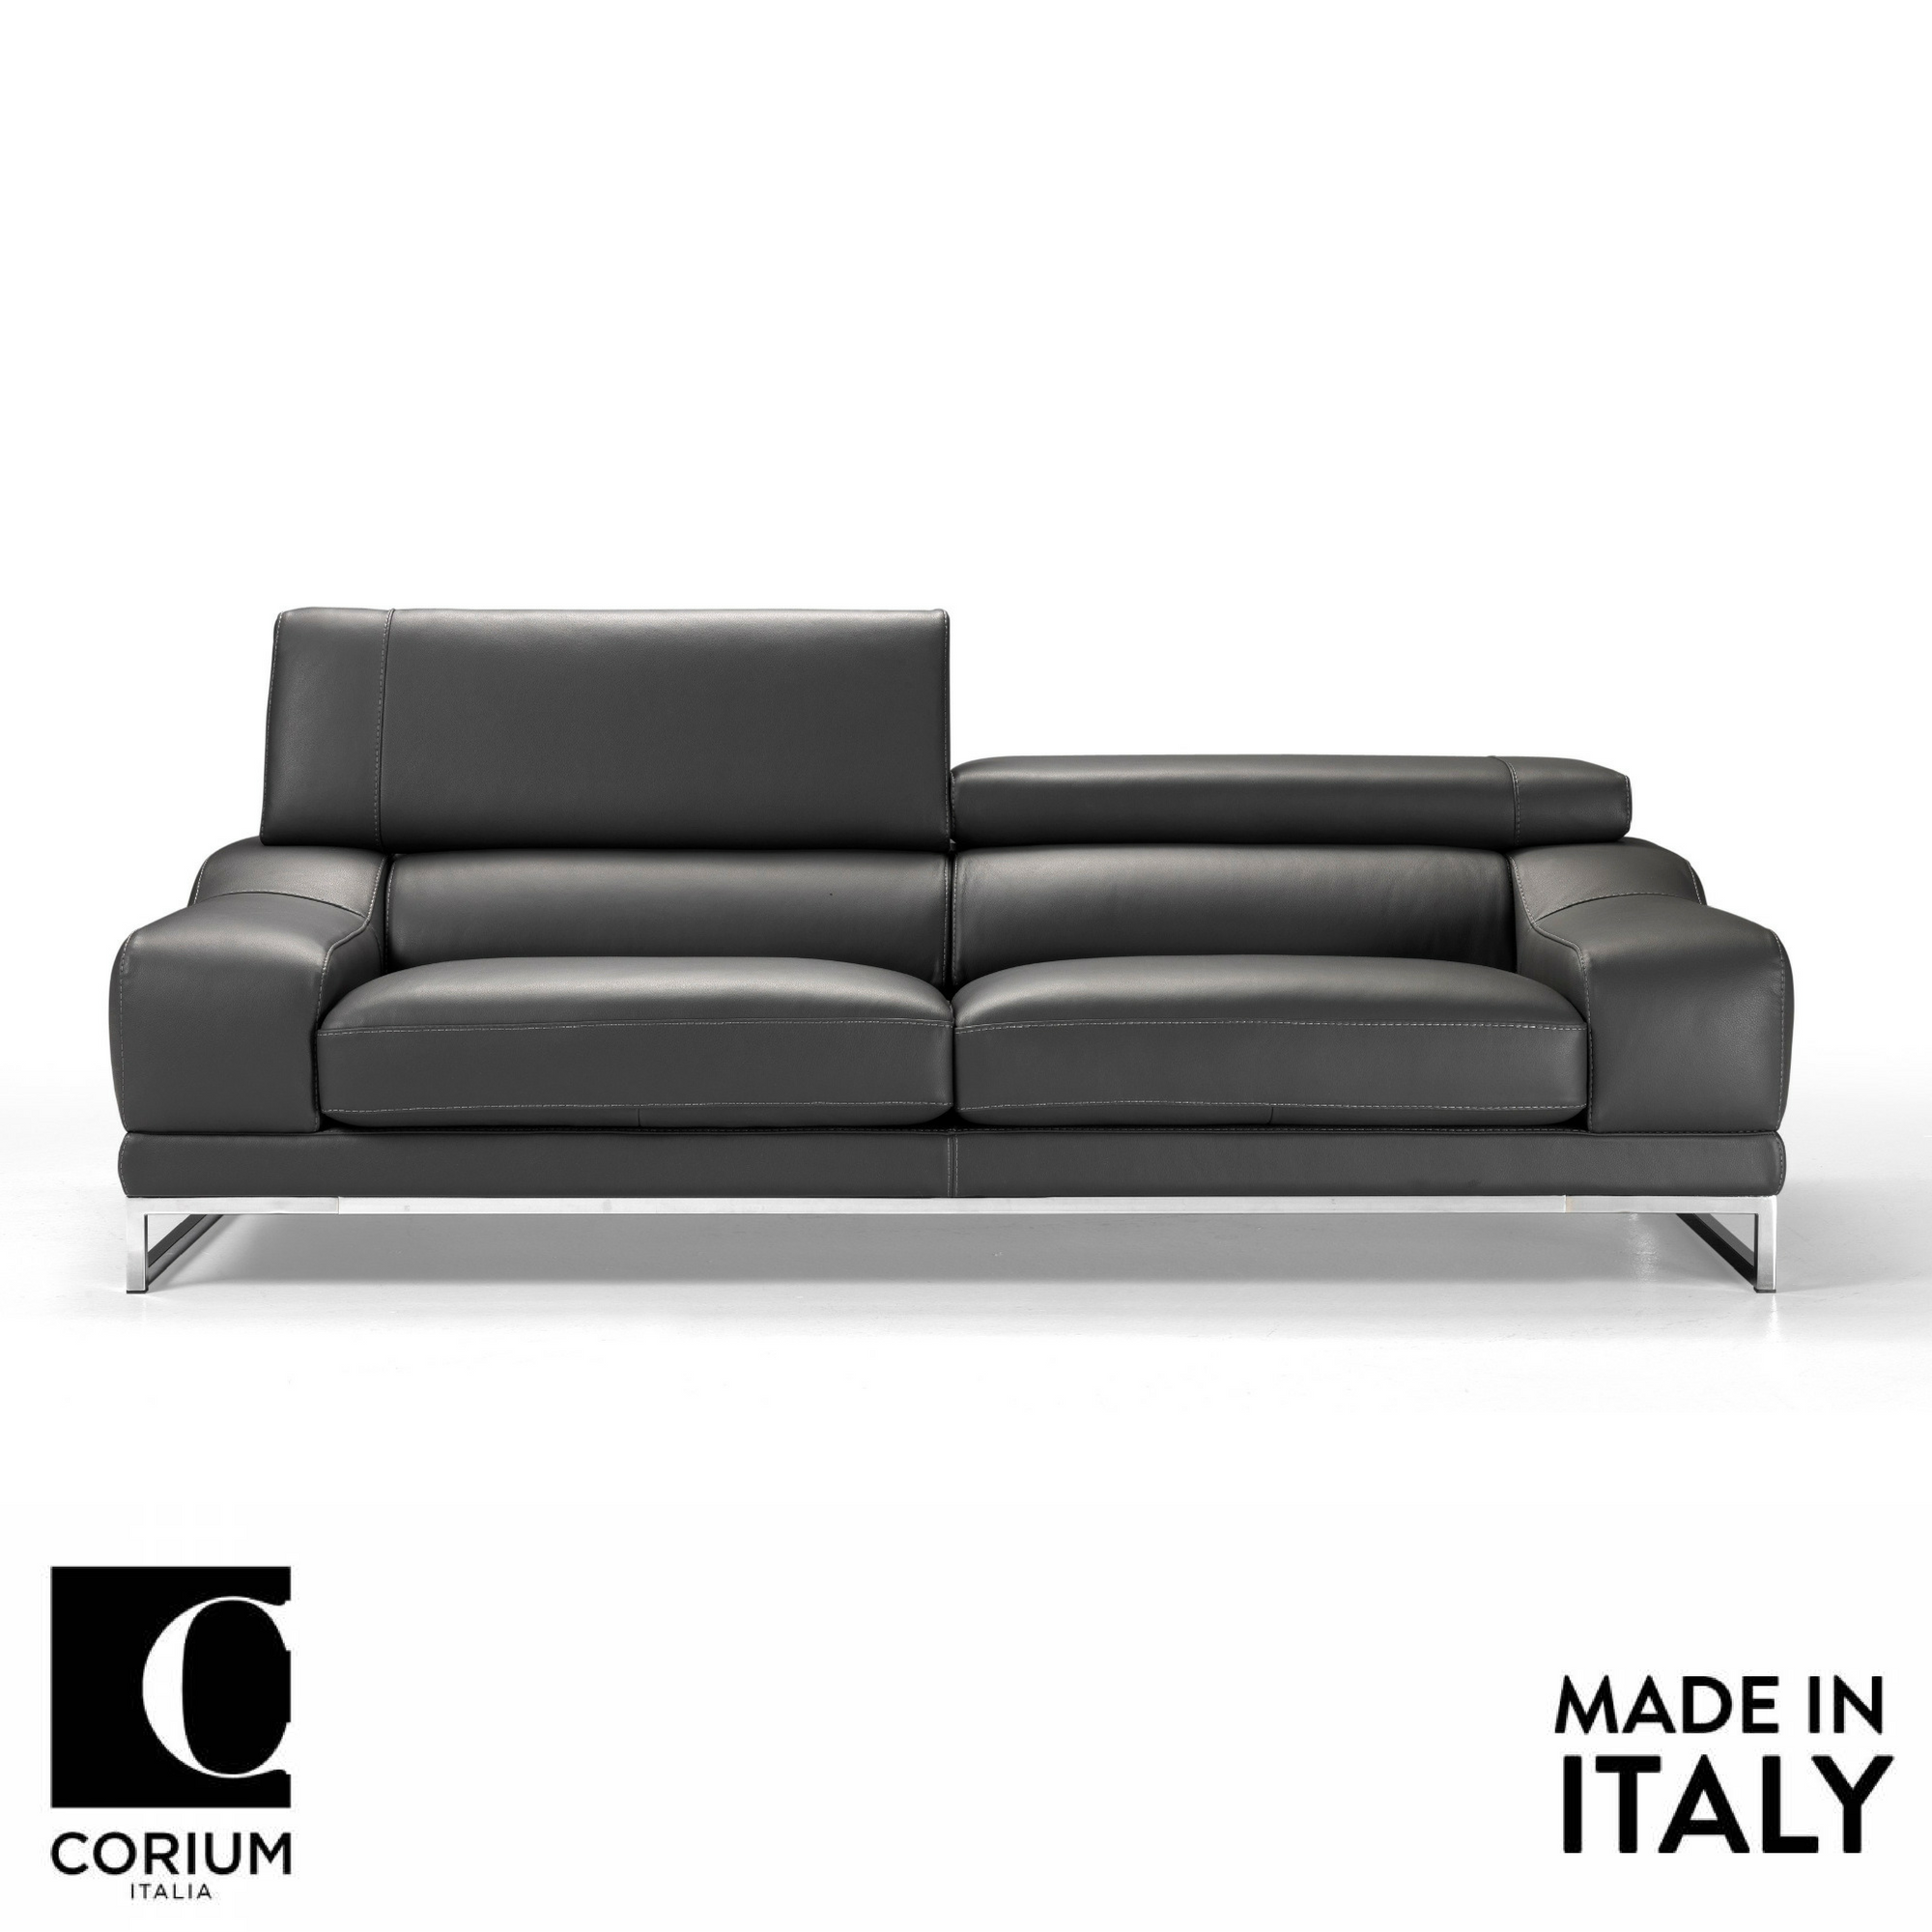 Losanna Italian Leather Sofa By Corium Italia